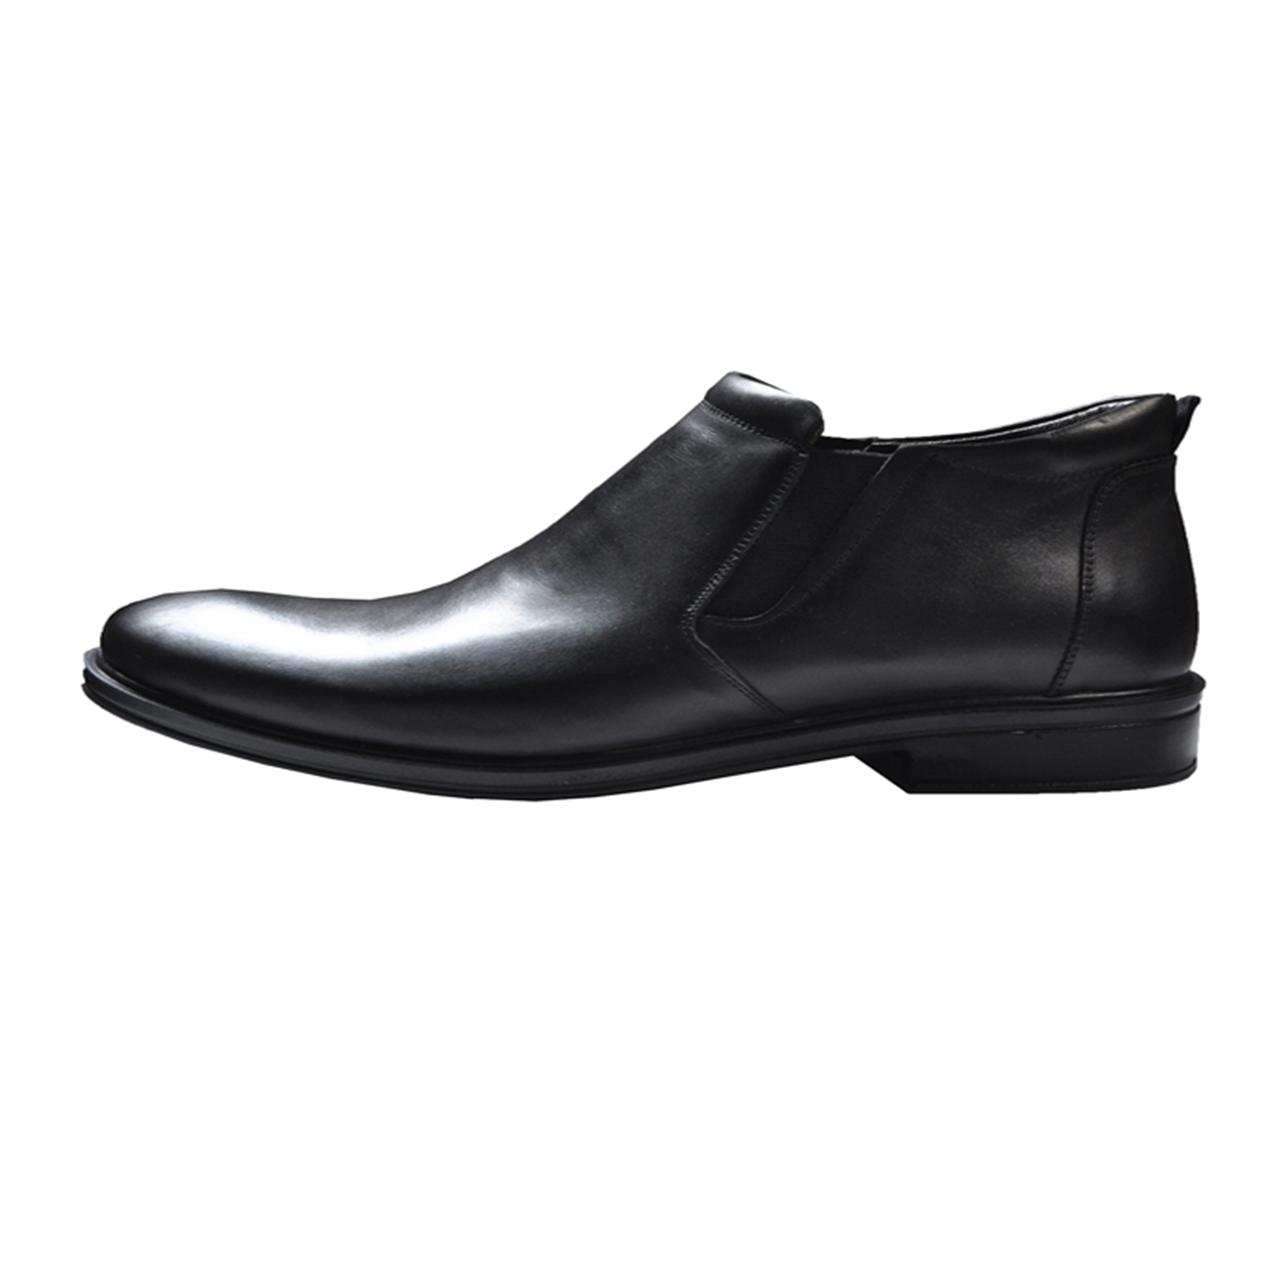 کفش مردانه مدل m134m